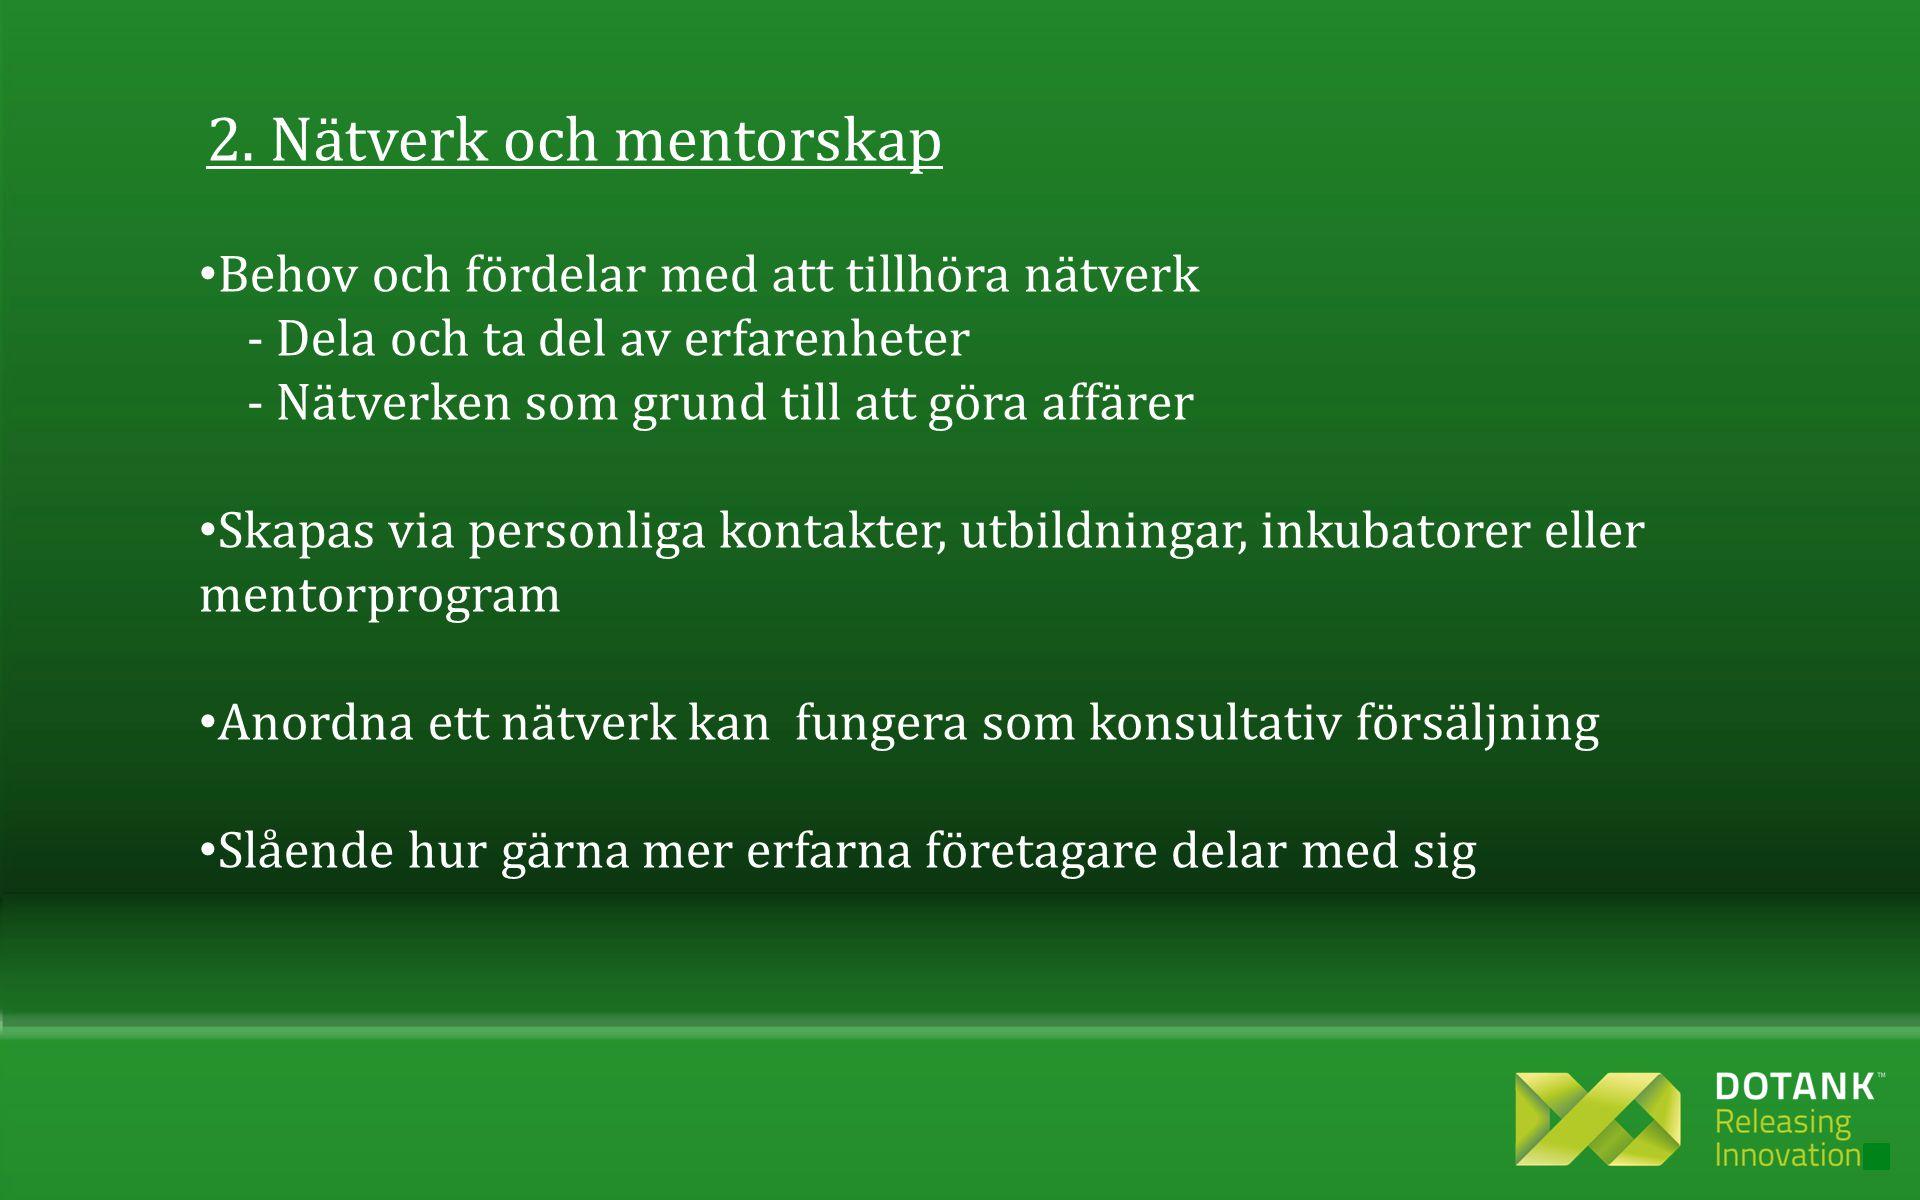 2. Nätverk och mentorskap • Behov och fördelar med att tillhöra nätverk - Dela och ta del av erfarenheter - Nätverken som grund till att göra affärer